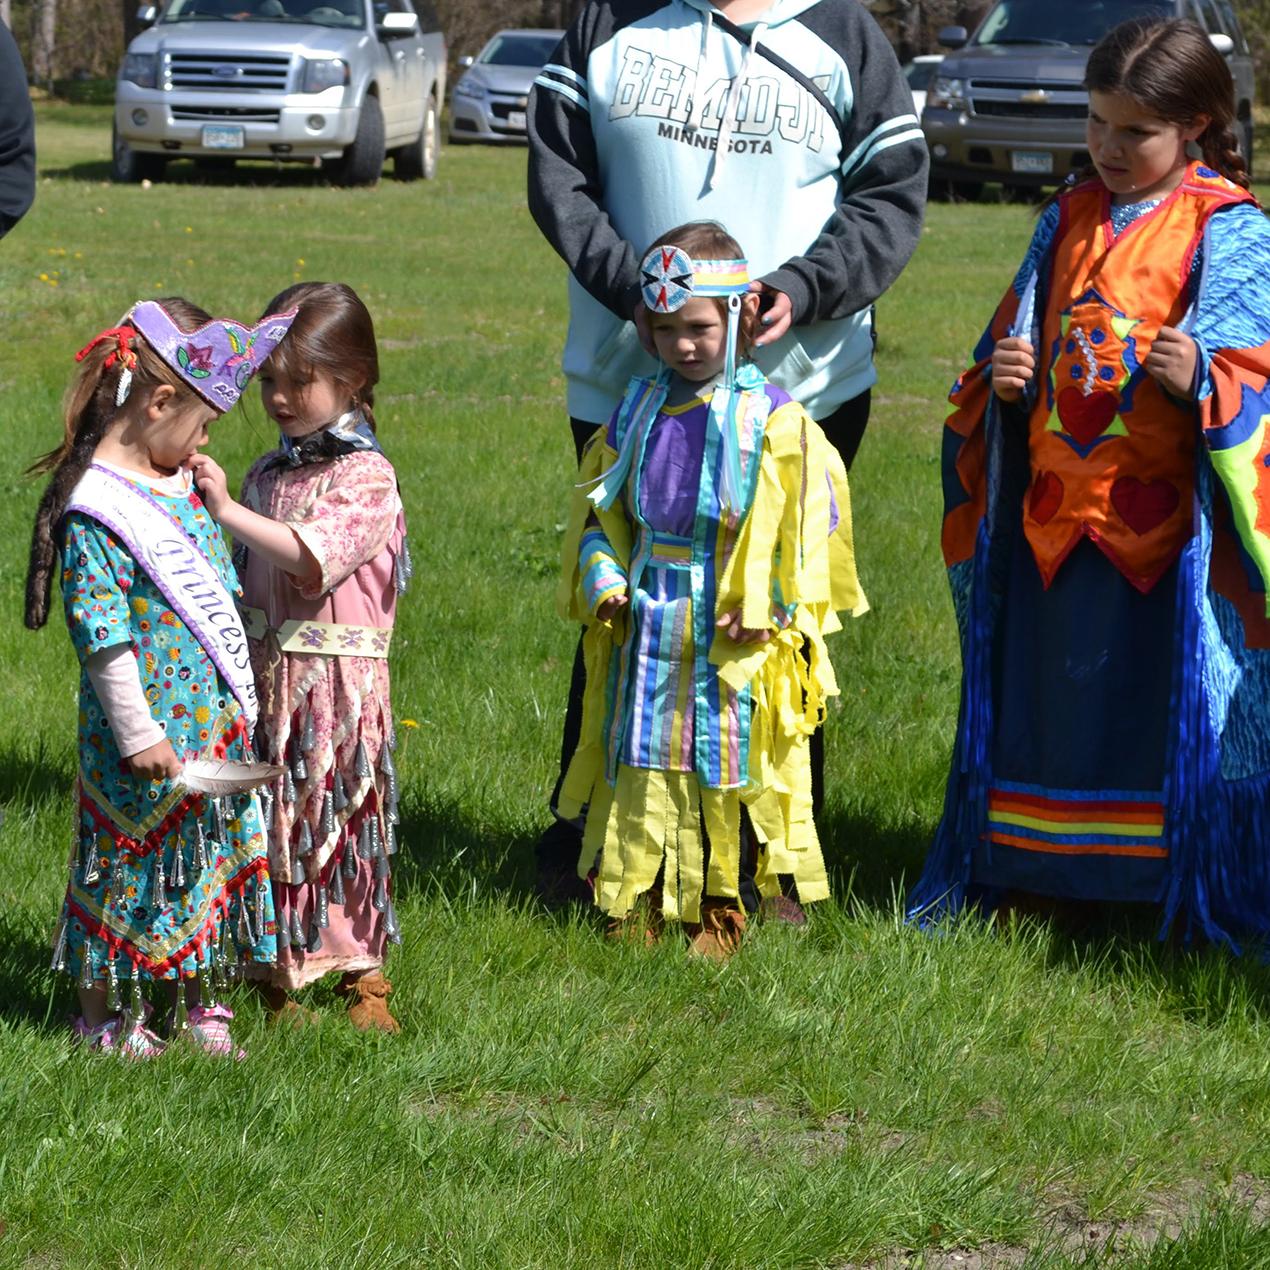 Ojibwe culture